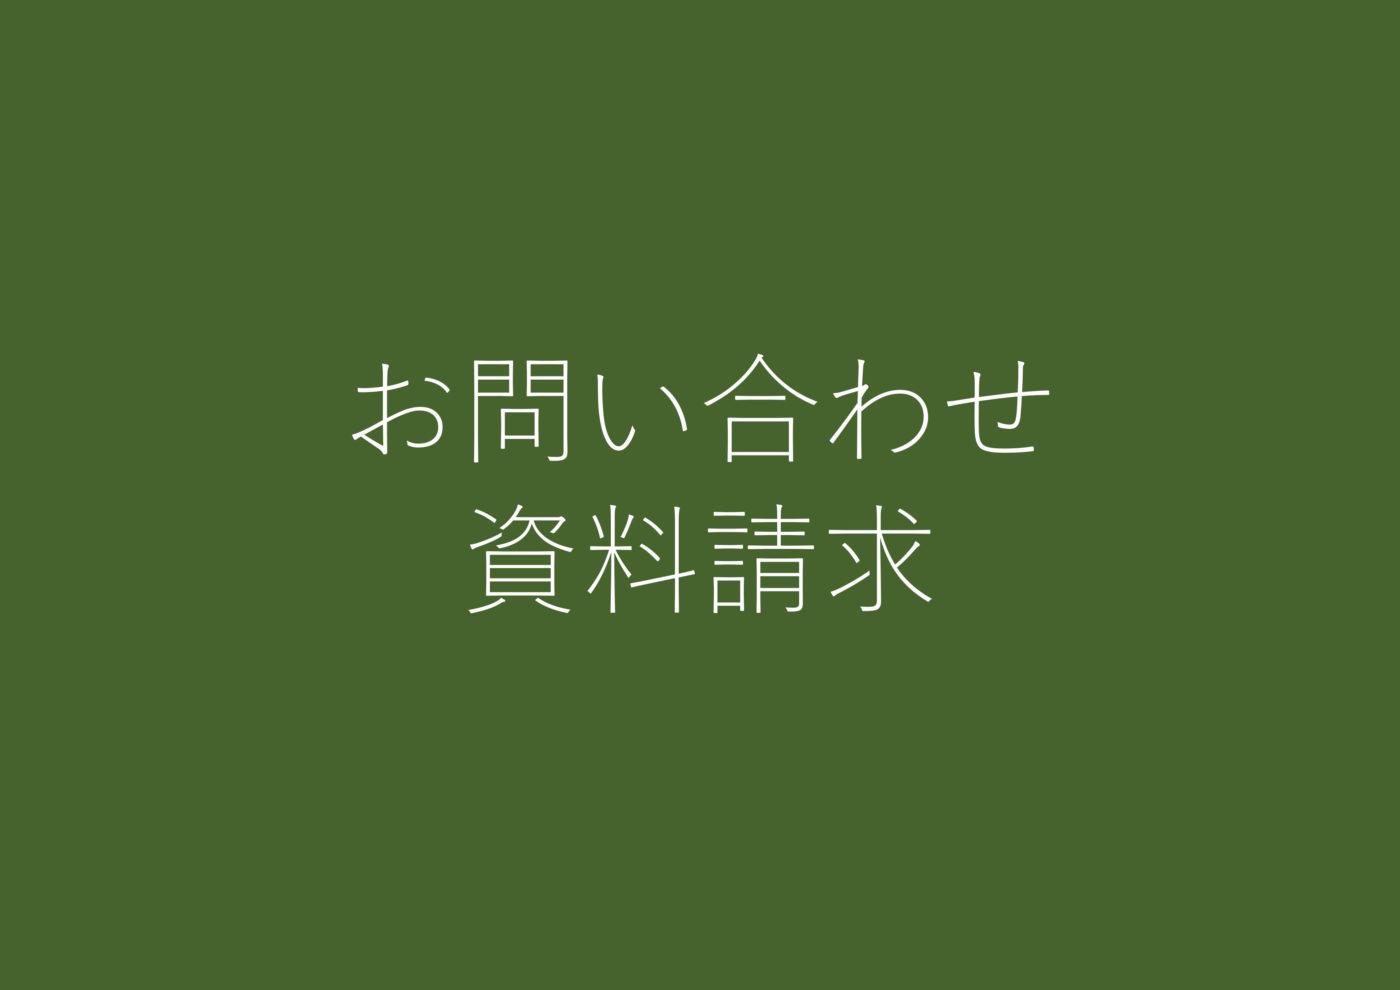 【新潟】資料請求のクオカード500円分プレゼント制度終了について